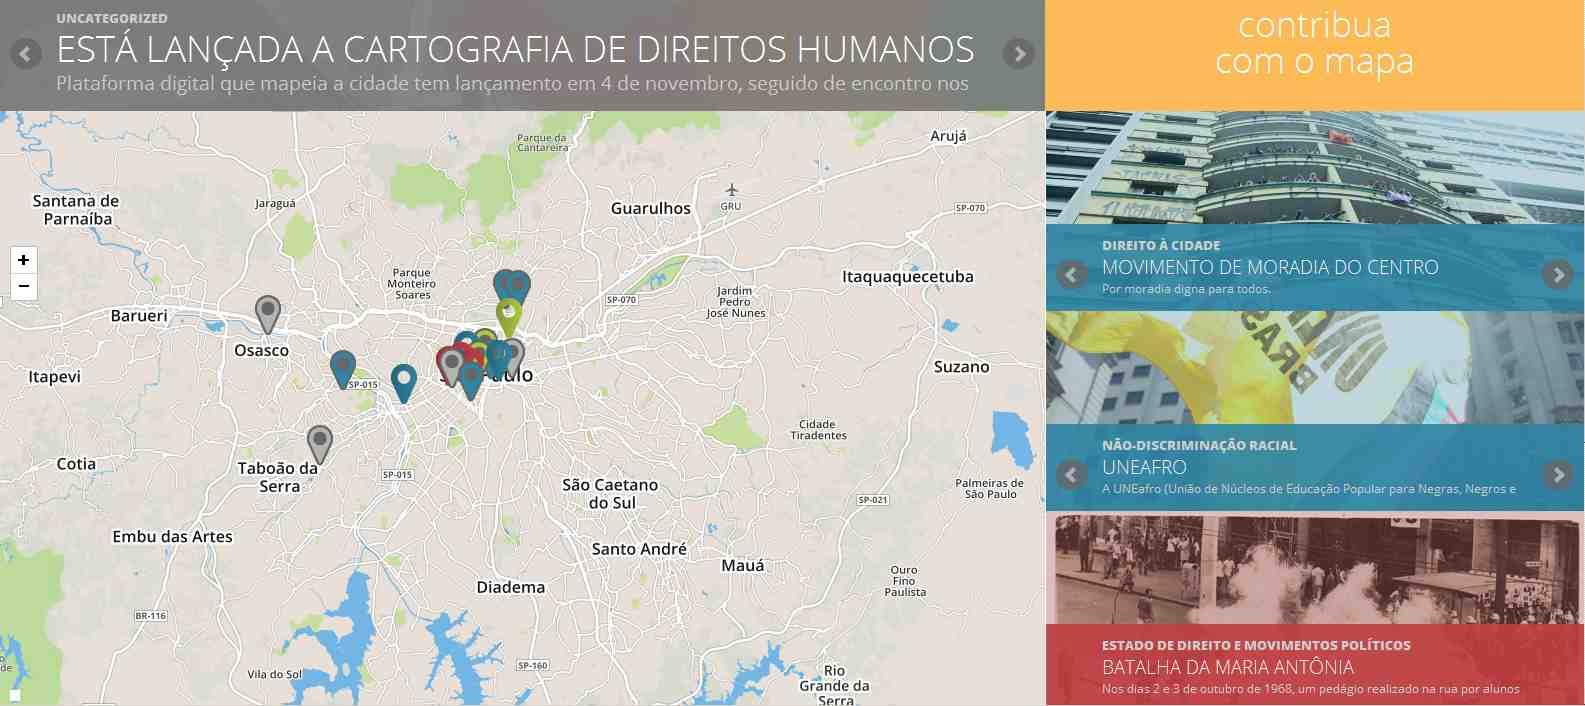 cartografia-direitos-humanos-portal2